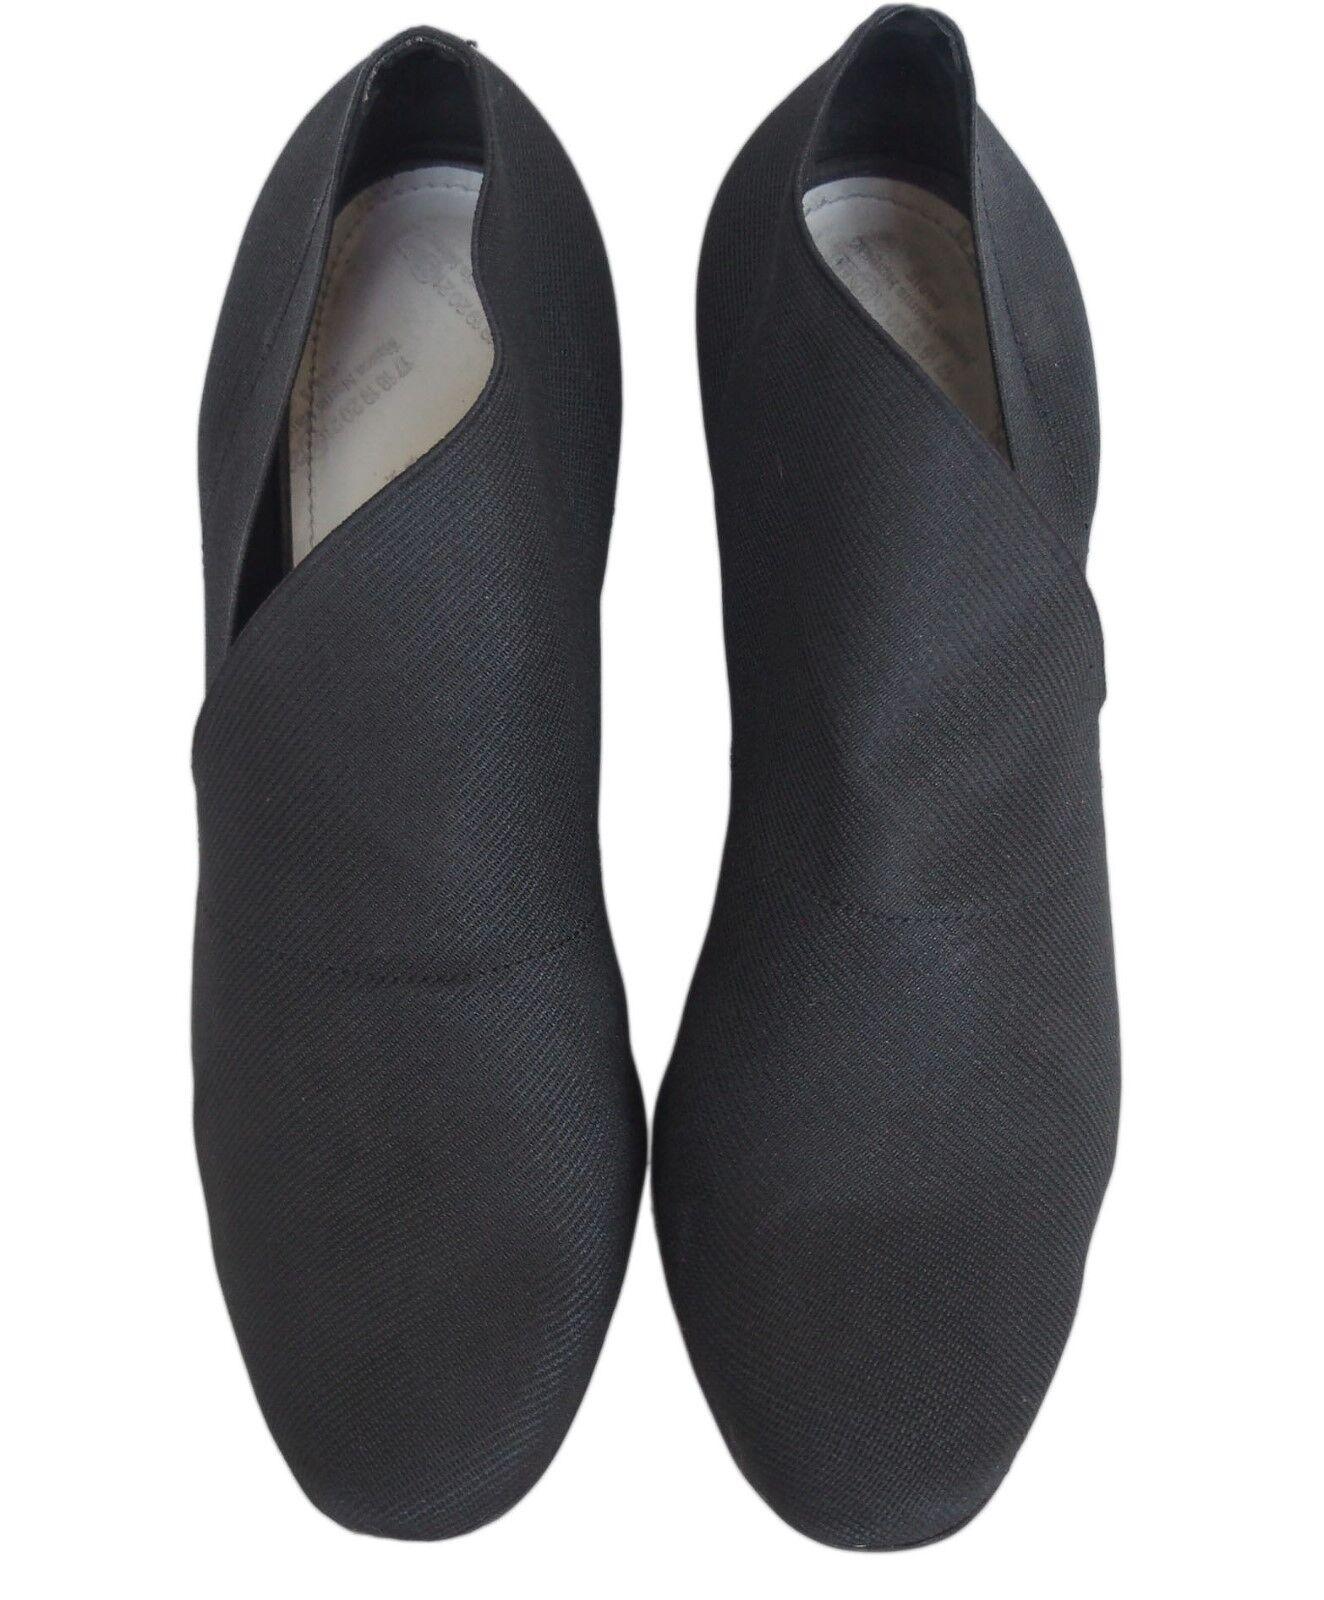 Maison Martin Margiela Women's Wedge Shoes Black … - image 5